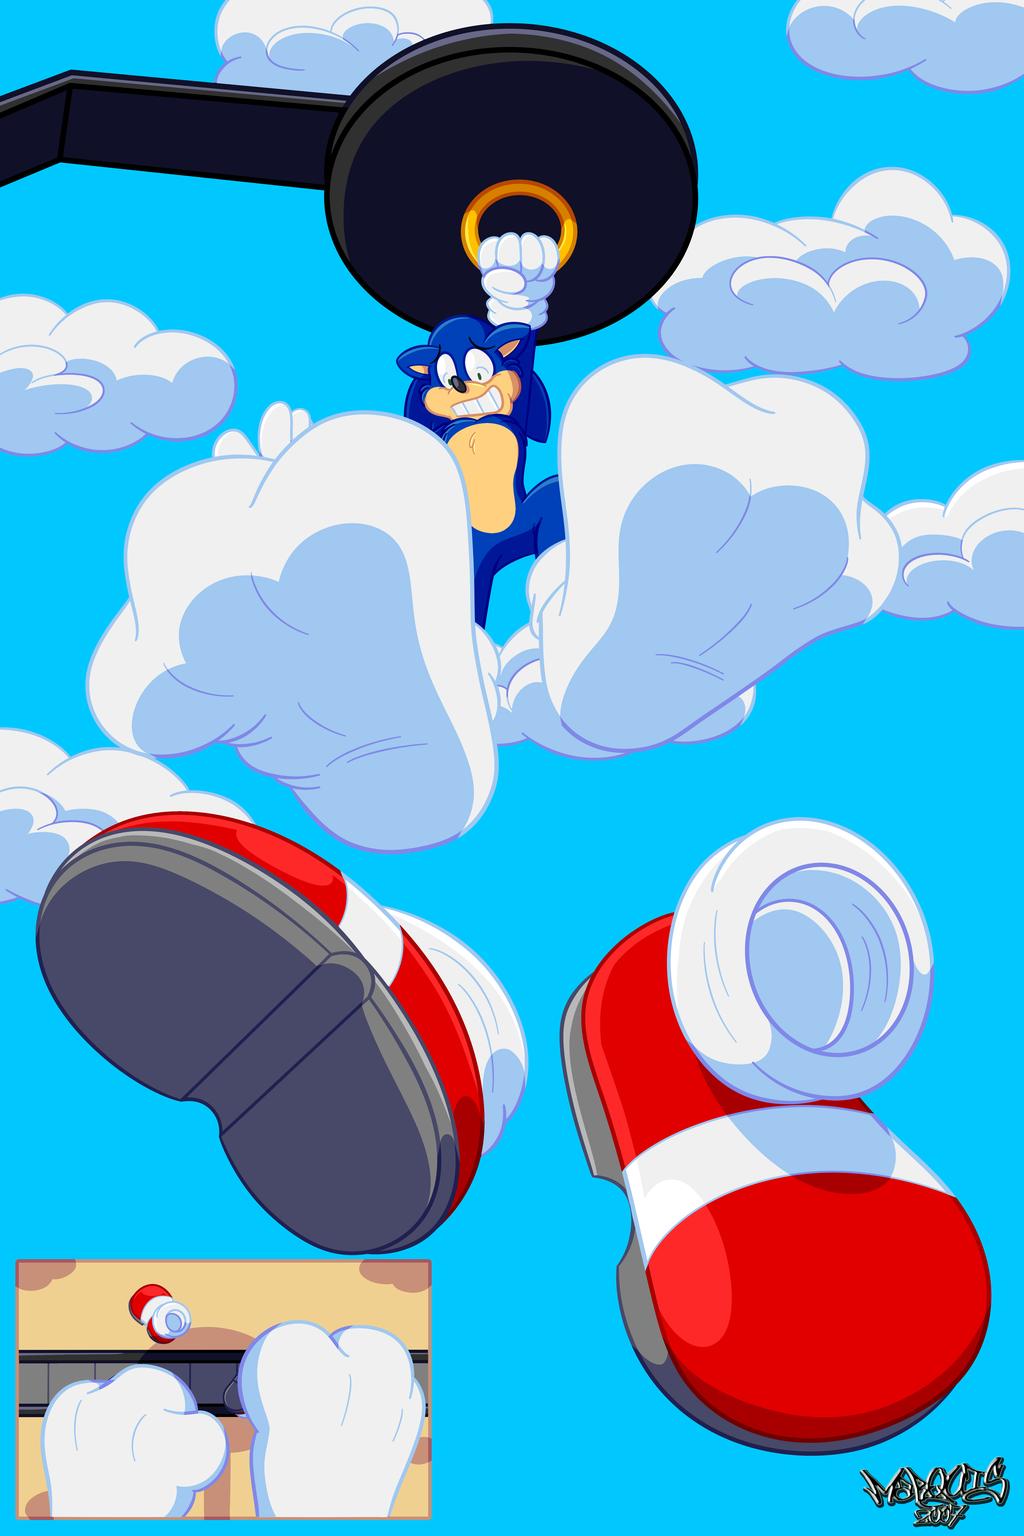 Junkyard Troubles (Socks)